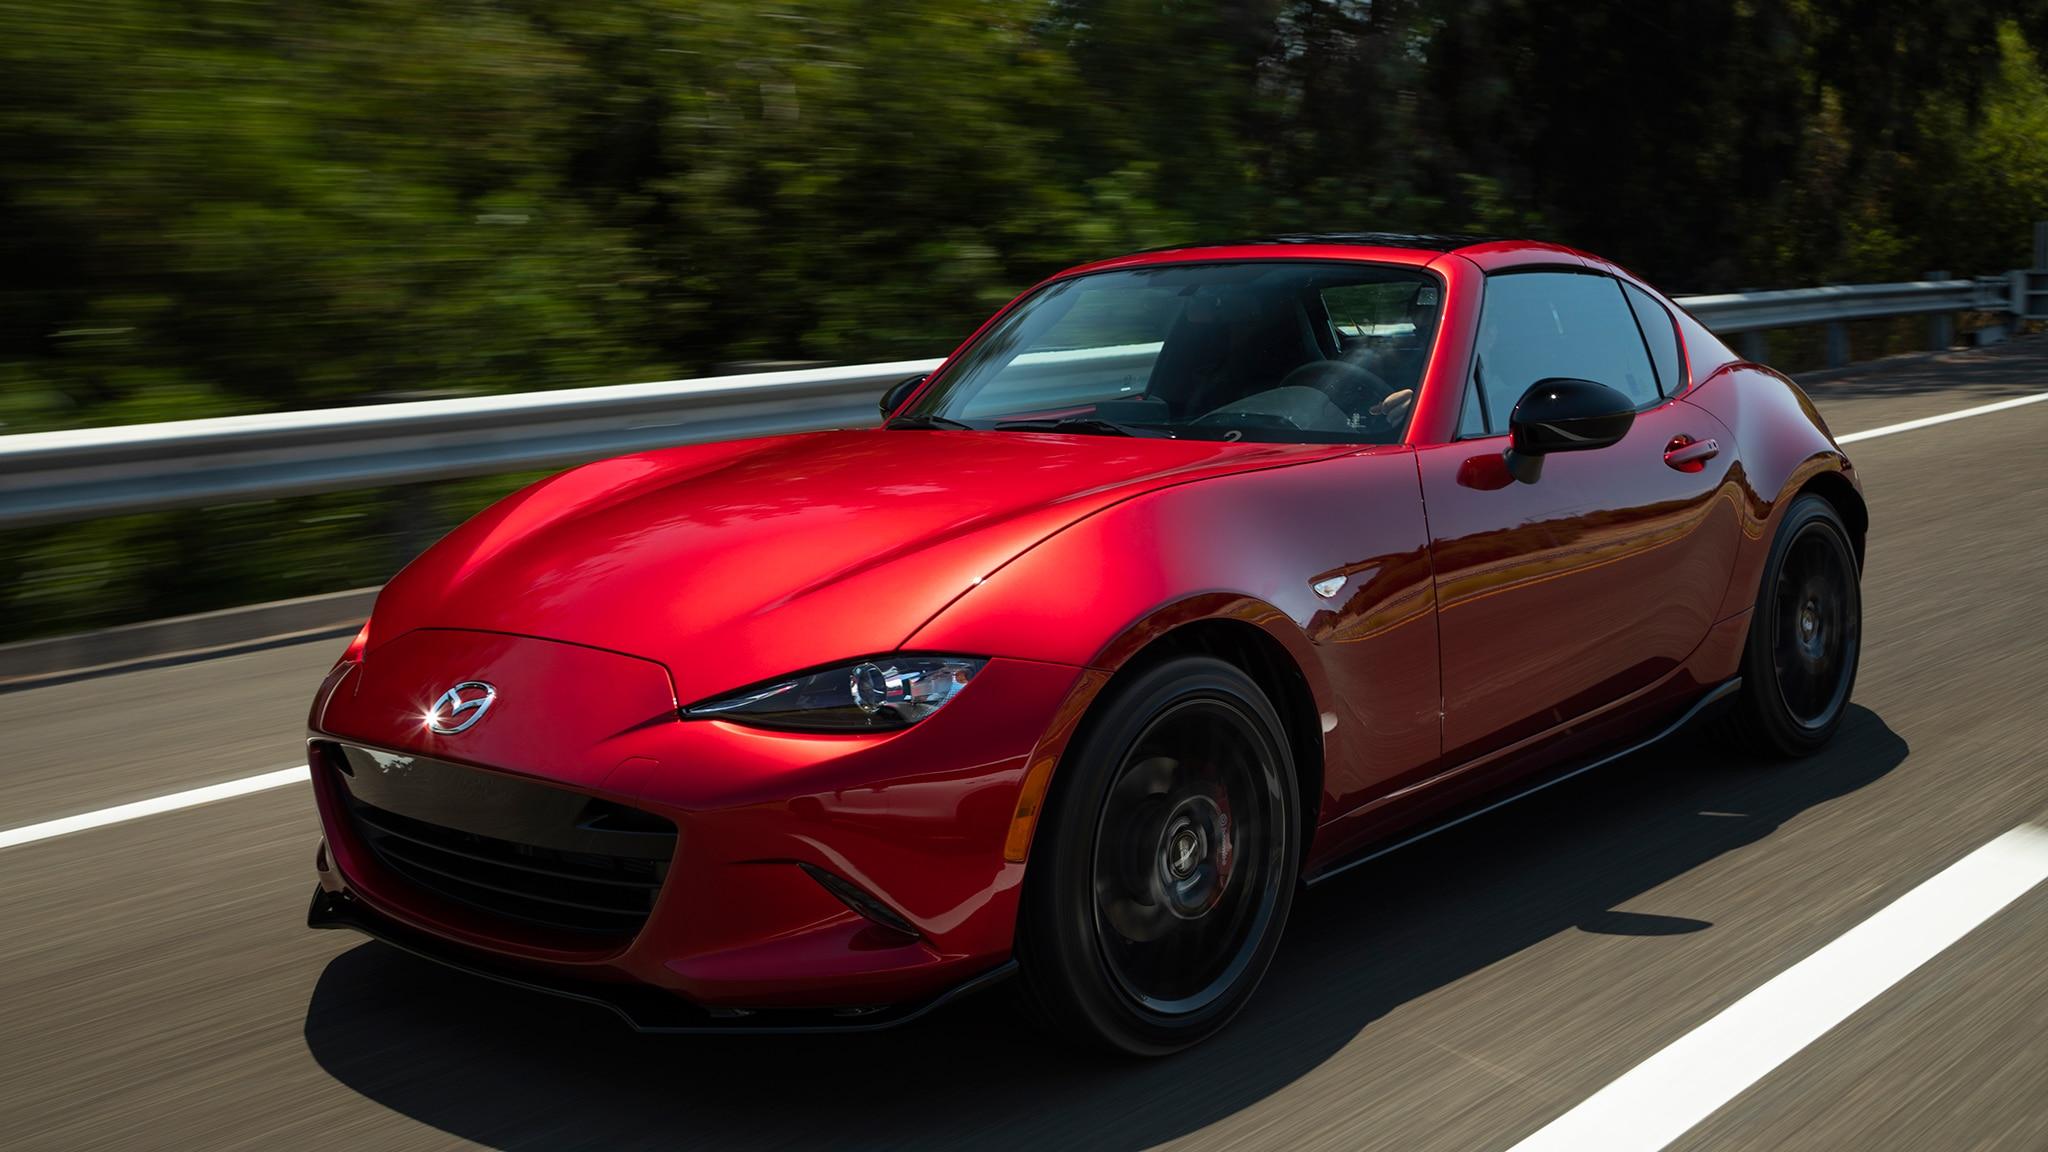 2019 Mazda MX-5 Miata First Drive Review | Automobile Magazine